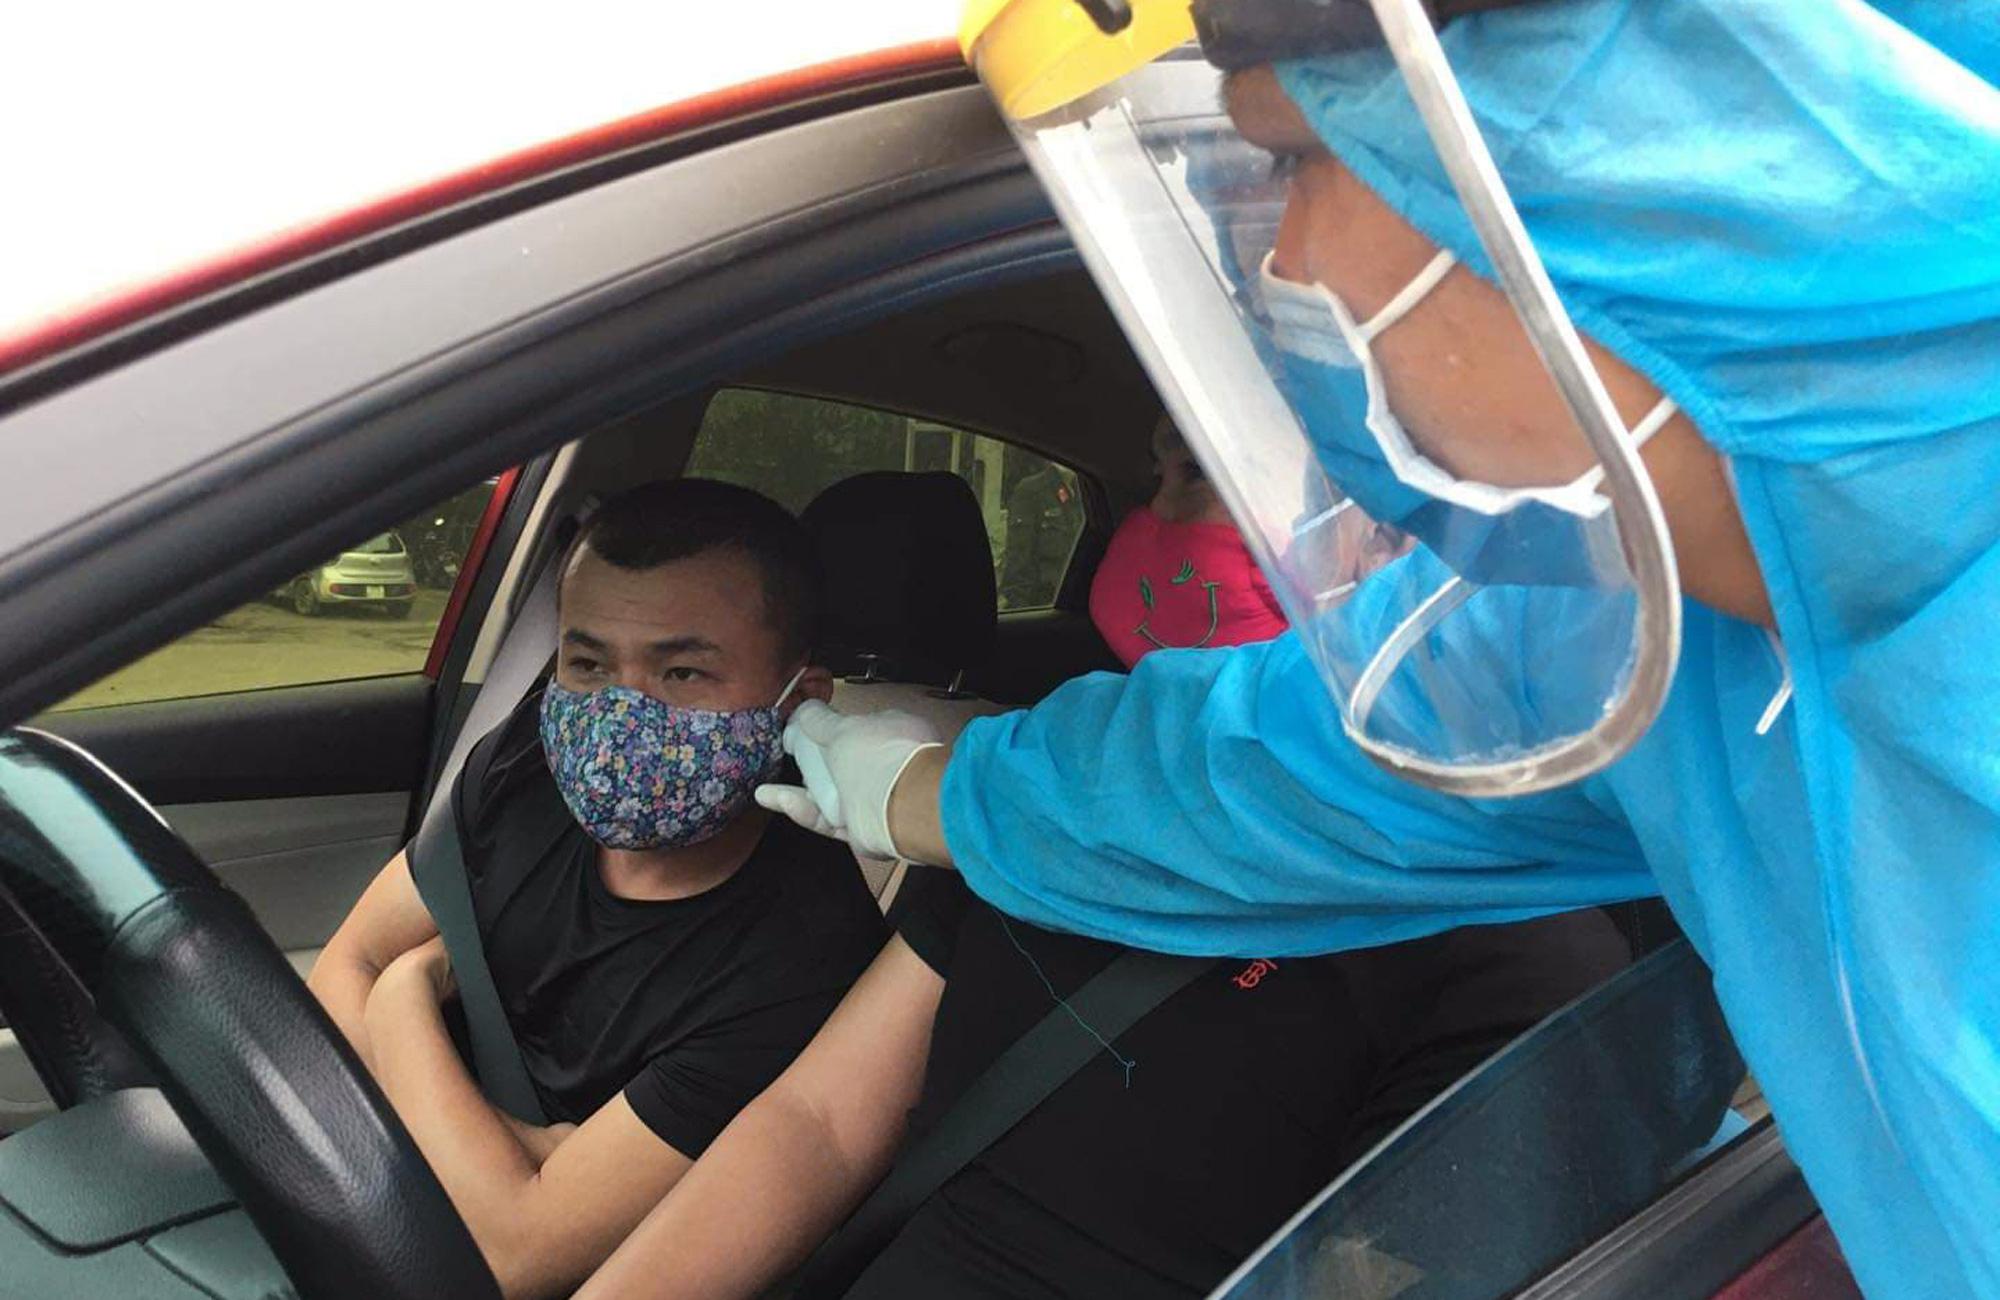 Kiểm soát người và phương tiện từ Hà Nội đi Lào Cai để phòng chống dịch Covid-19 - Ảnh 1.